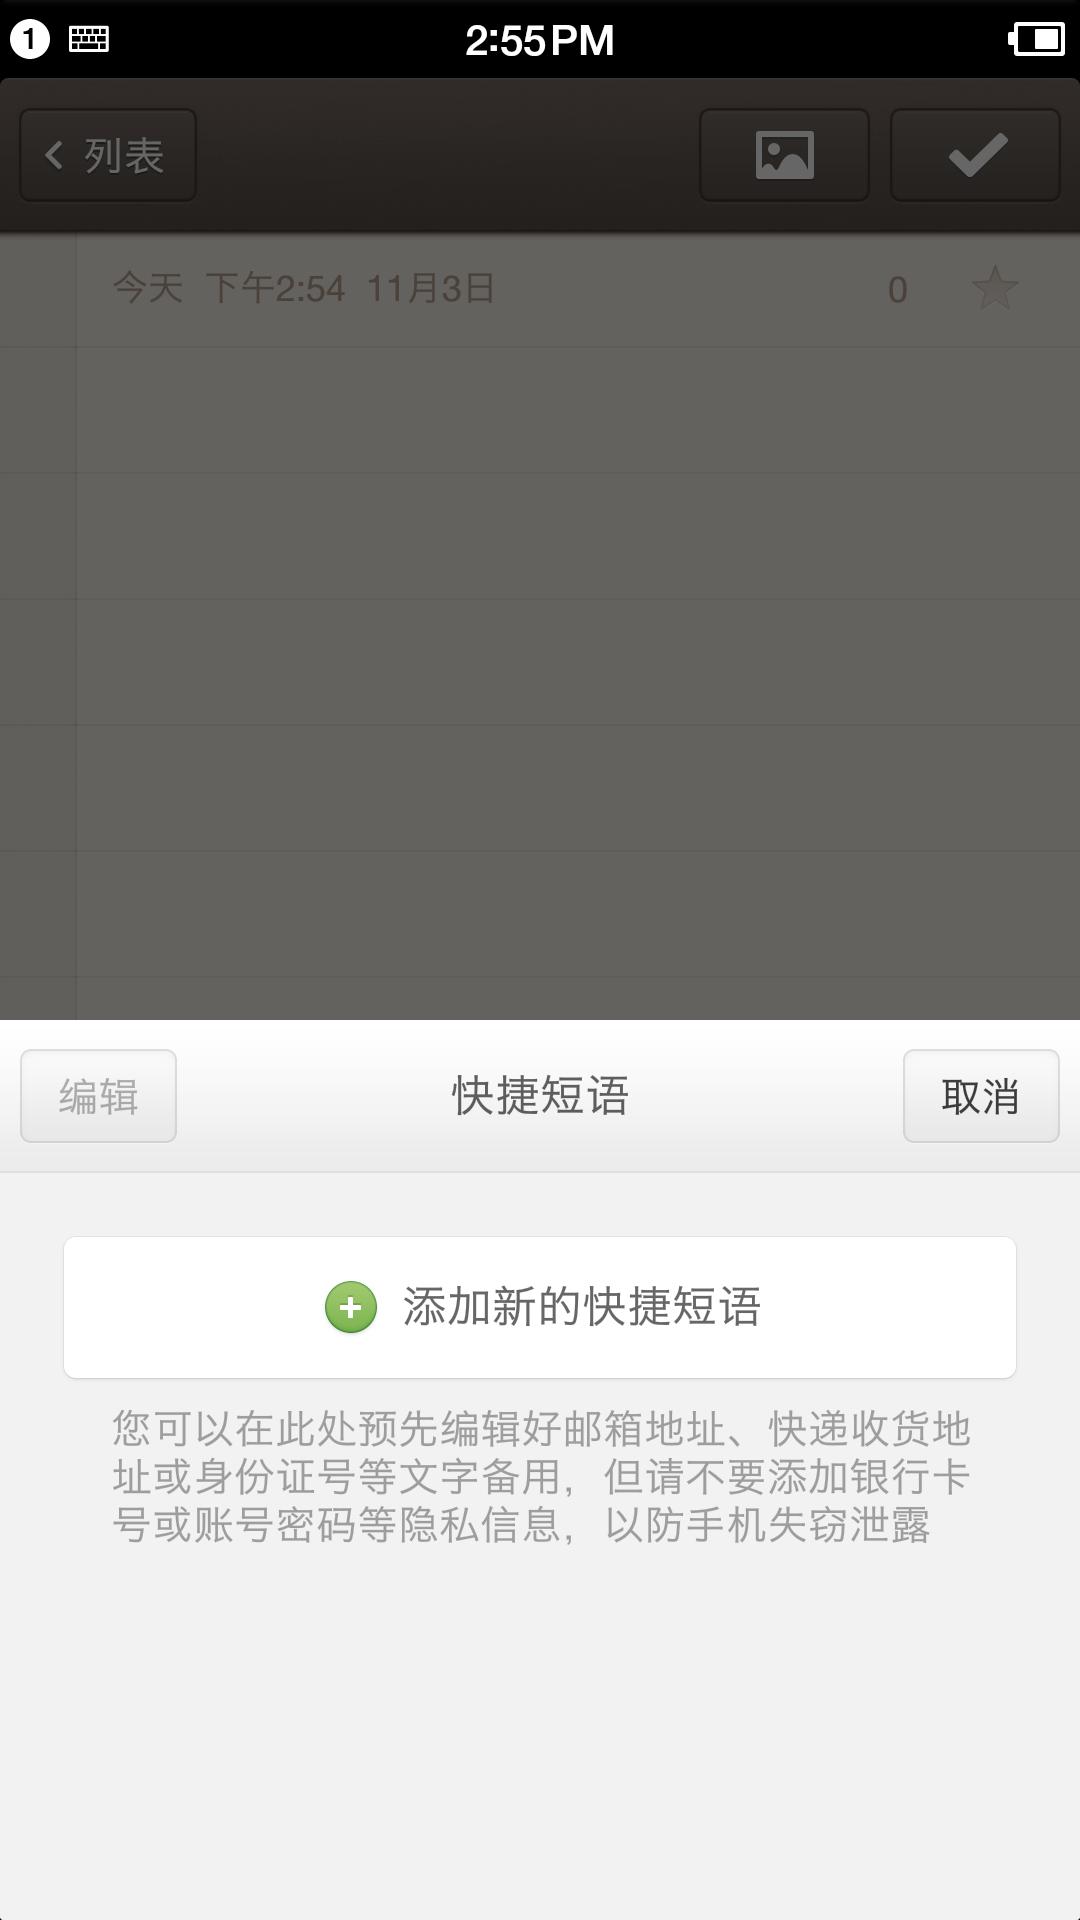 Screenshot_2015-11-03-14-55-02-233_便签.png